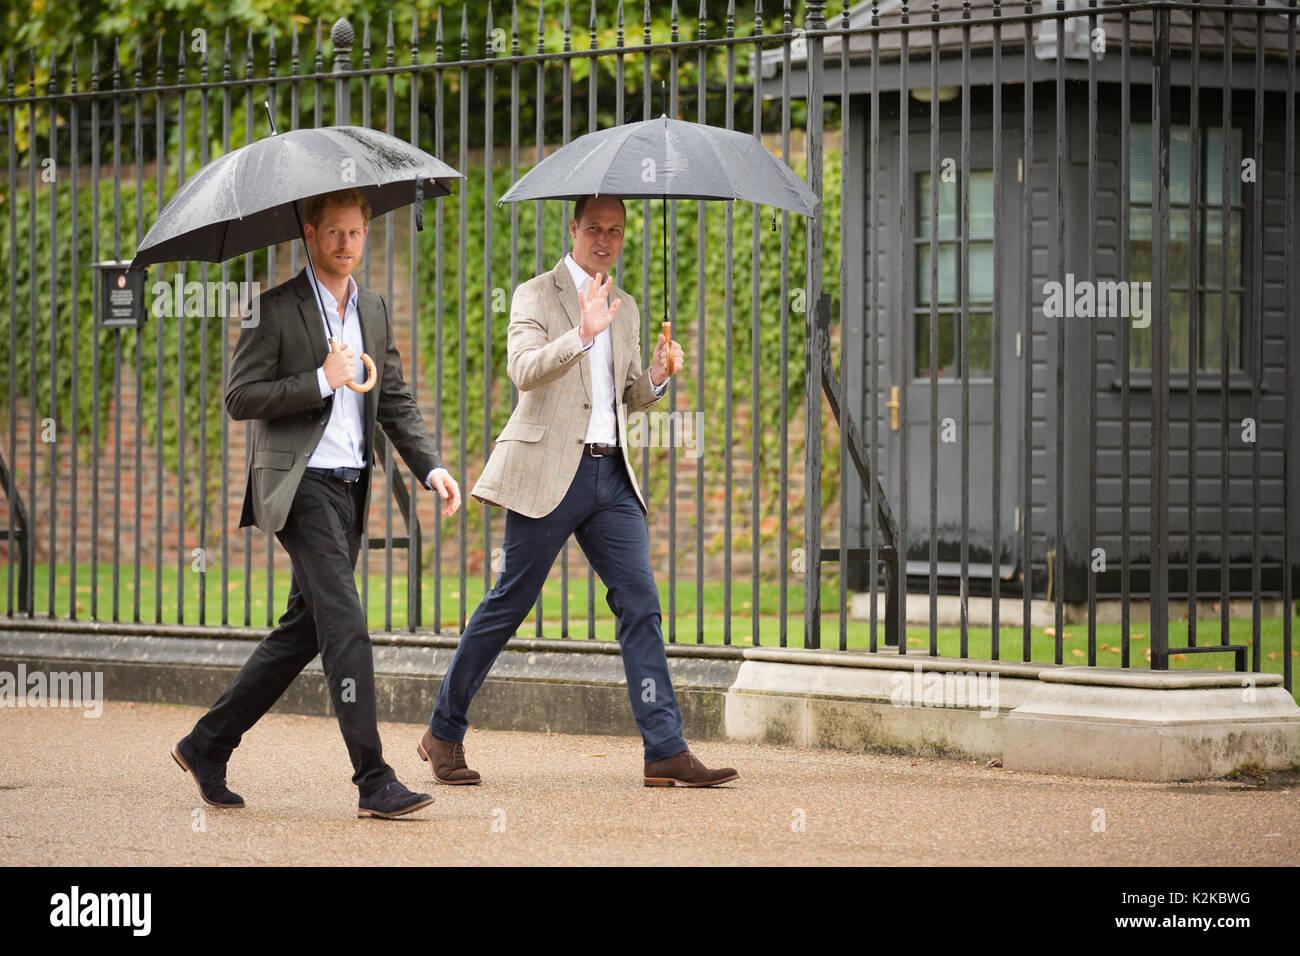 Londres, Reino Unido. 30 Aug, 2017. Los príncipes William y Harry TRH camine hacia la izquierda homenajes florales en las puertas del Palacio de Kensington izquierda en memoria de su madre, la Princesa Diana, en vísperas del 20º aniversario de su muerte. Miércoles, 30 de agosto de 2017 Credit: Amanda rose/Alamy Live News Foto de stock